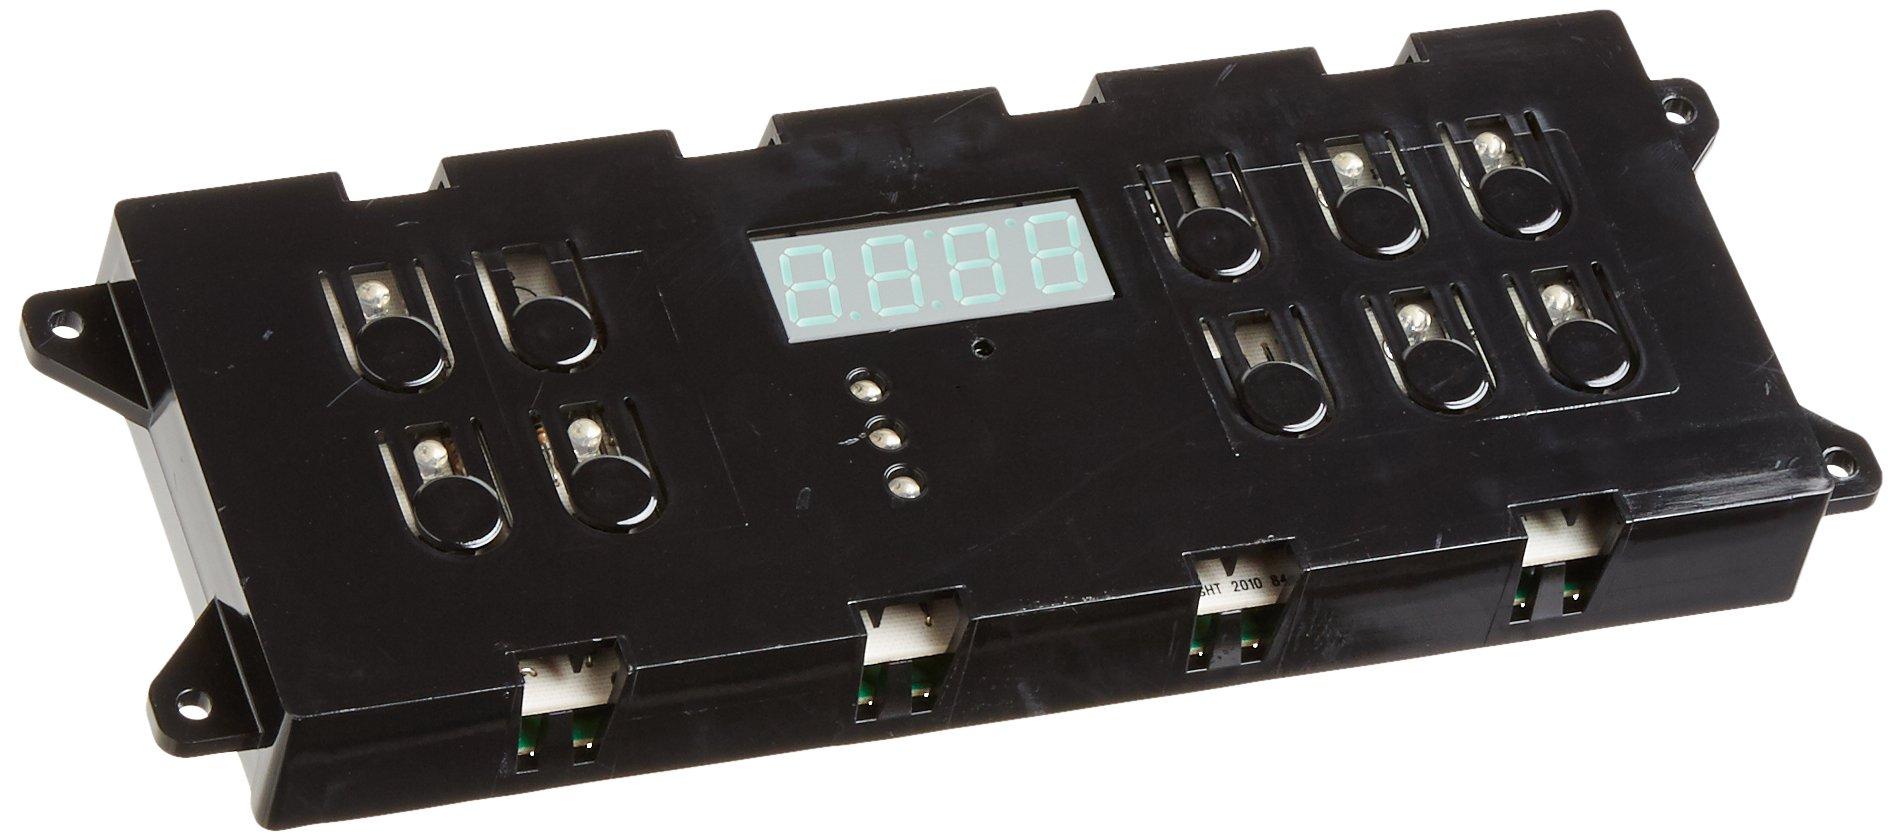 Frigidaire 318184400  Oven Control Board. Unit